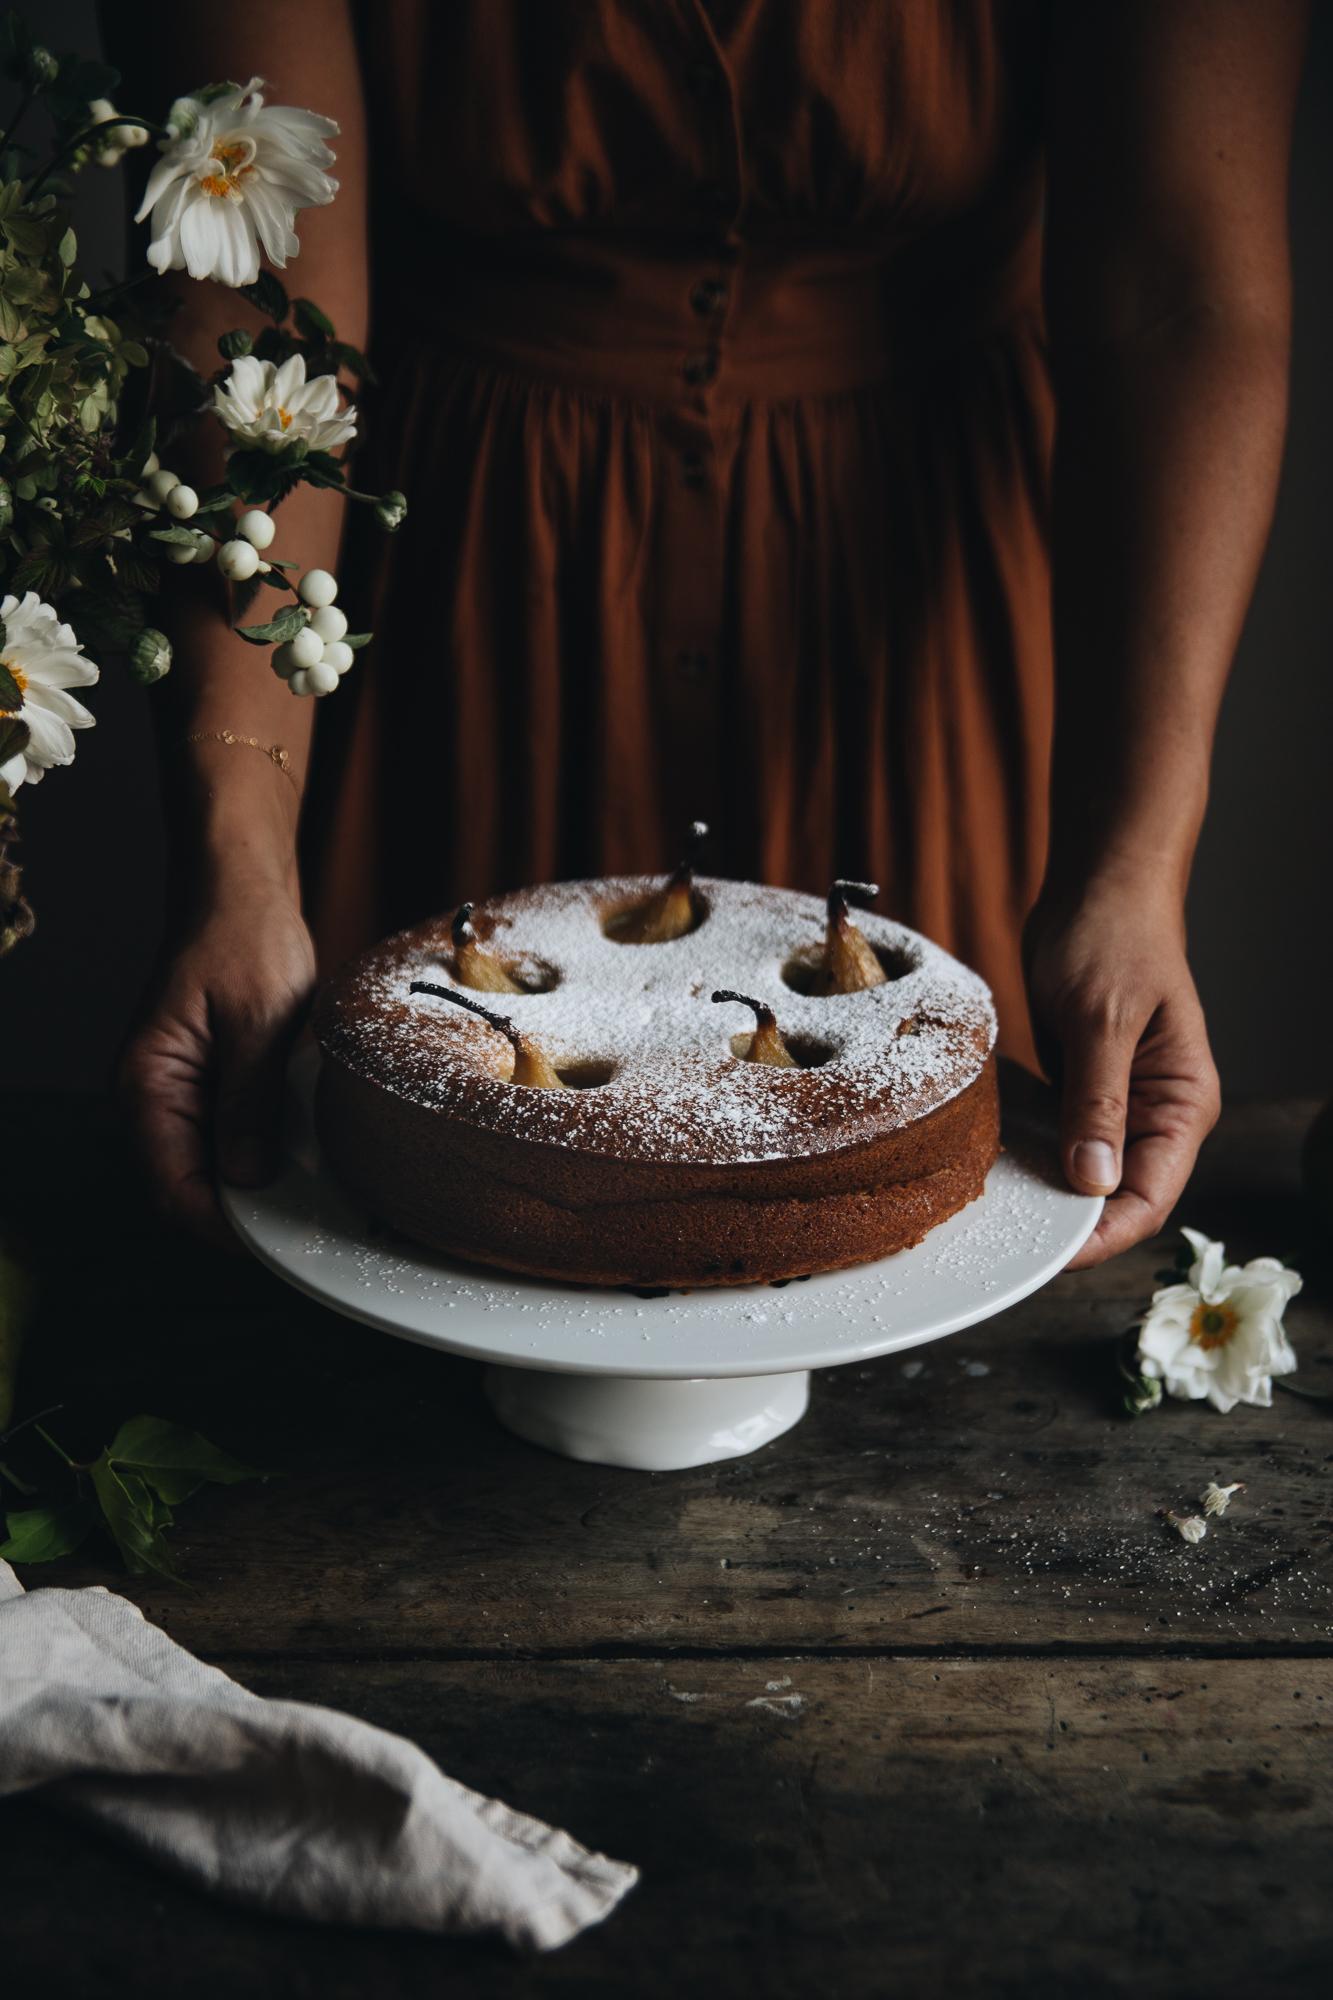 Gâteau aux poires pochées à la vanille - Ophelie's Kitchen Book